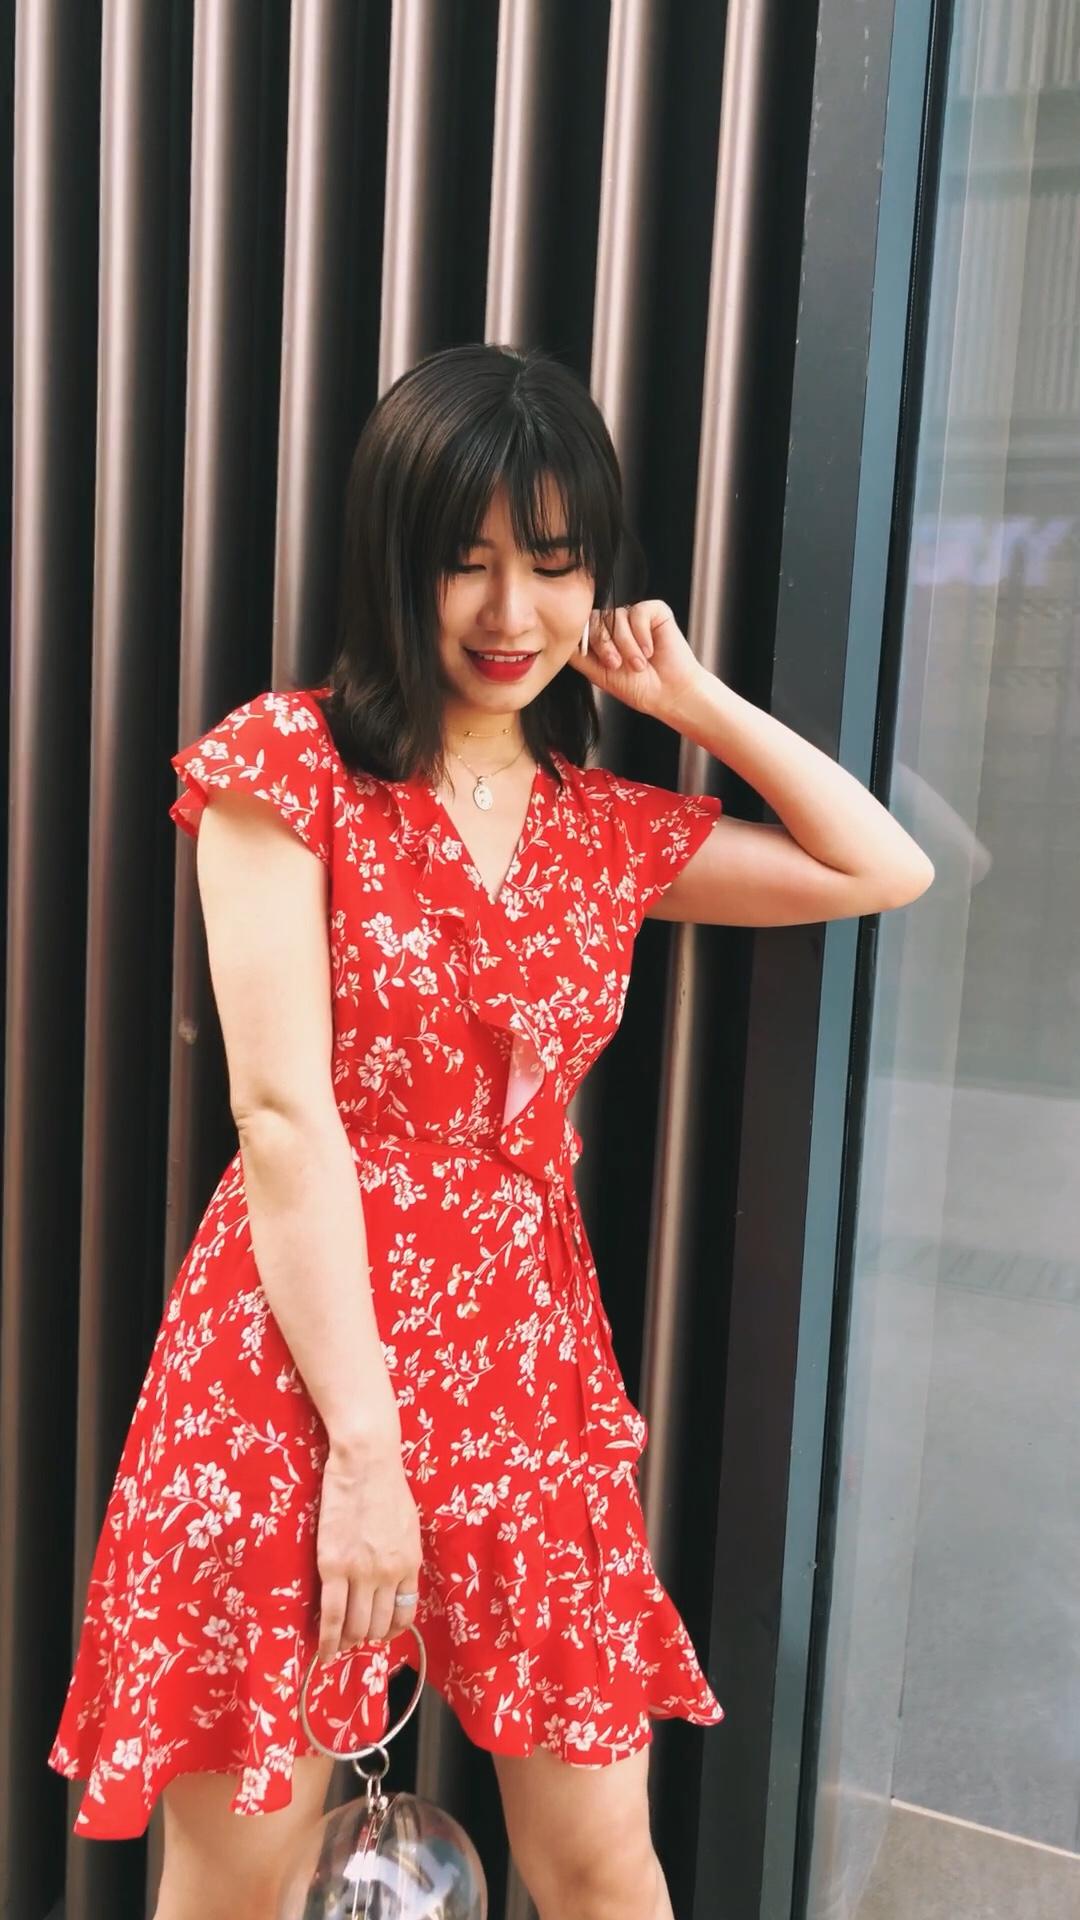 嘻嘻~碎花裙,讨喜的红色,夏日就是要璀璨夺目啦~#夏季显白色穿搭,白到你反光!#